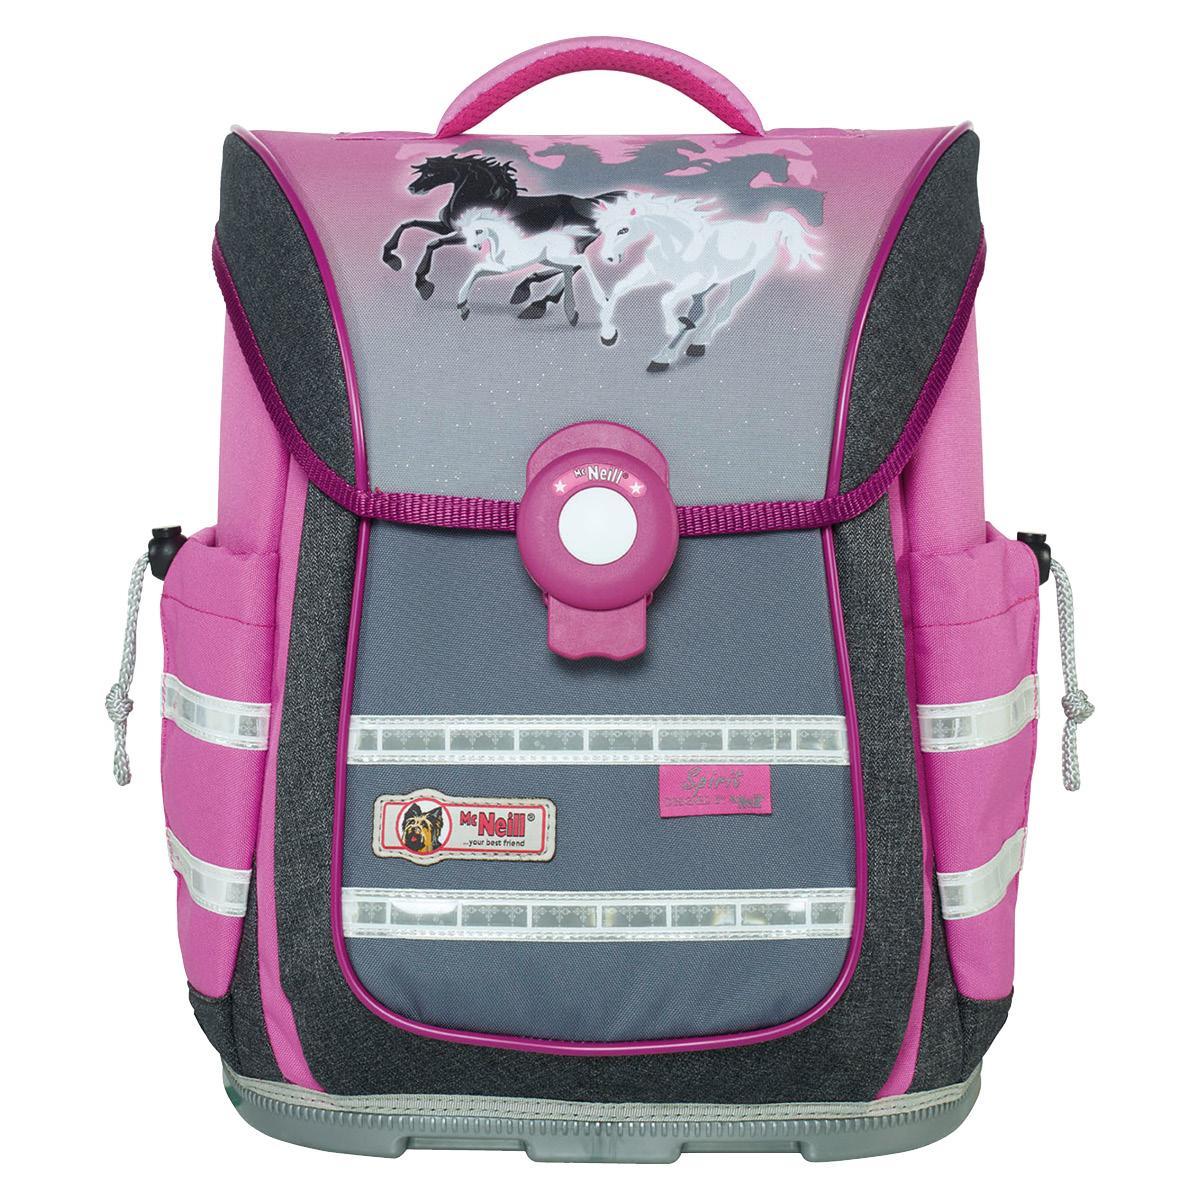 McNeill-Schulranzen-ERGO-Light-PURE-9630171000-grau-rosa-pferde